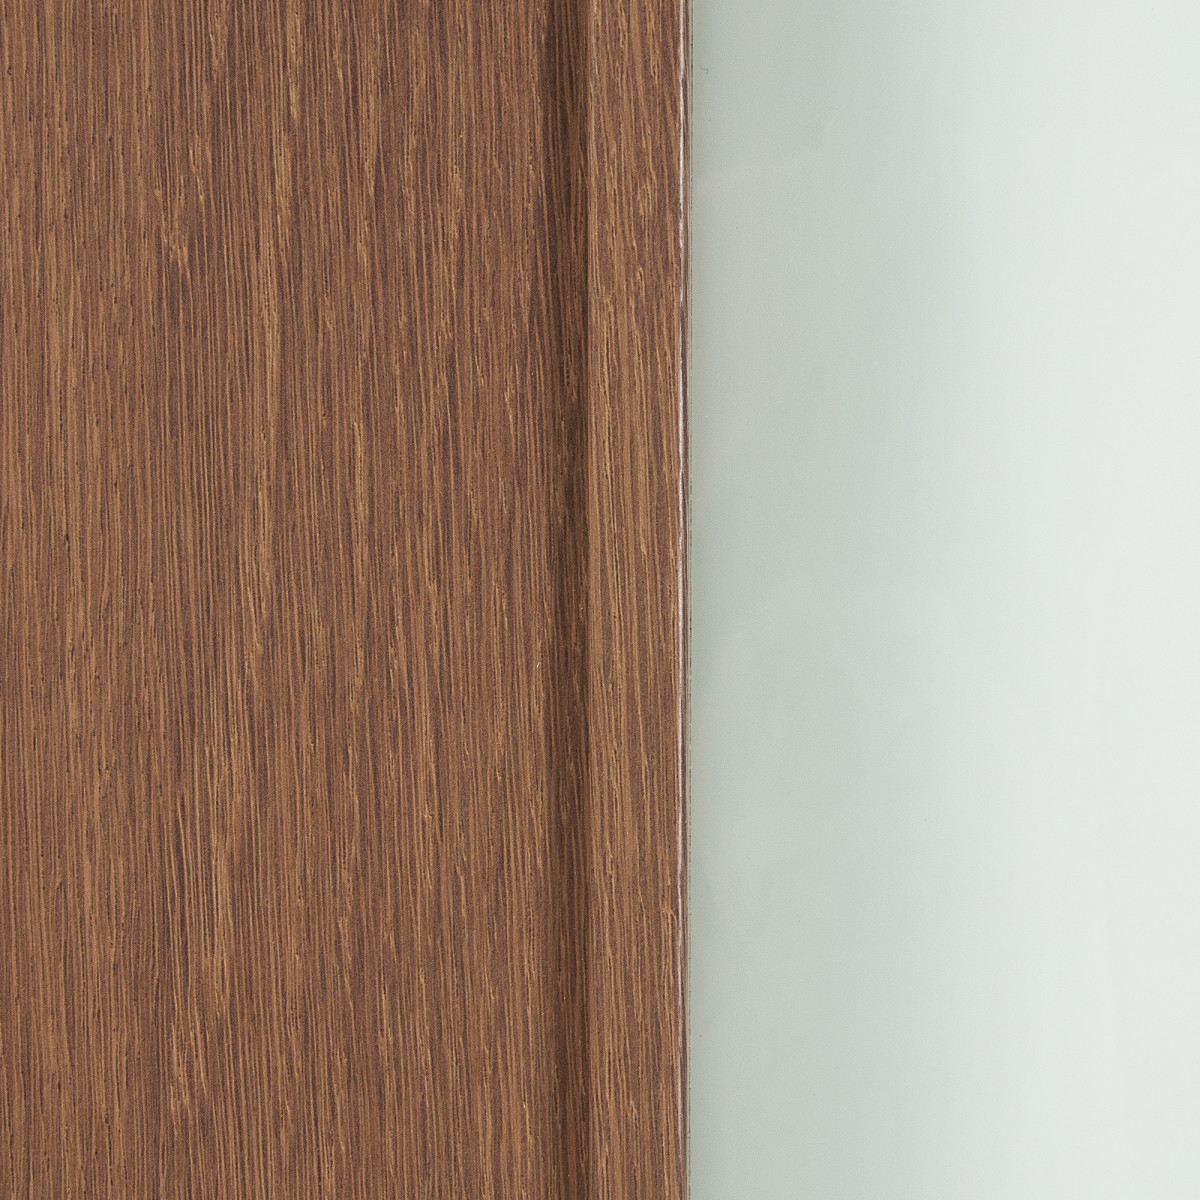 Дверь Межкомнатная Остеклённая 80x200 Ламинация Цвет Дуб Селект